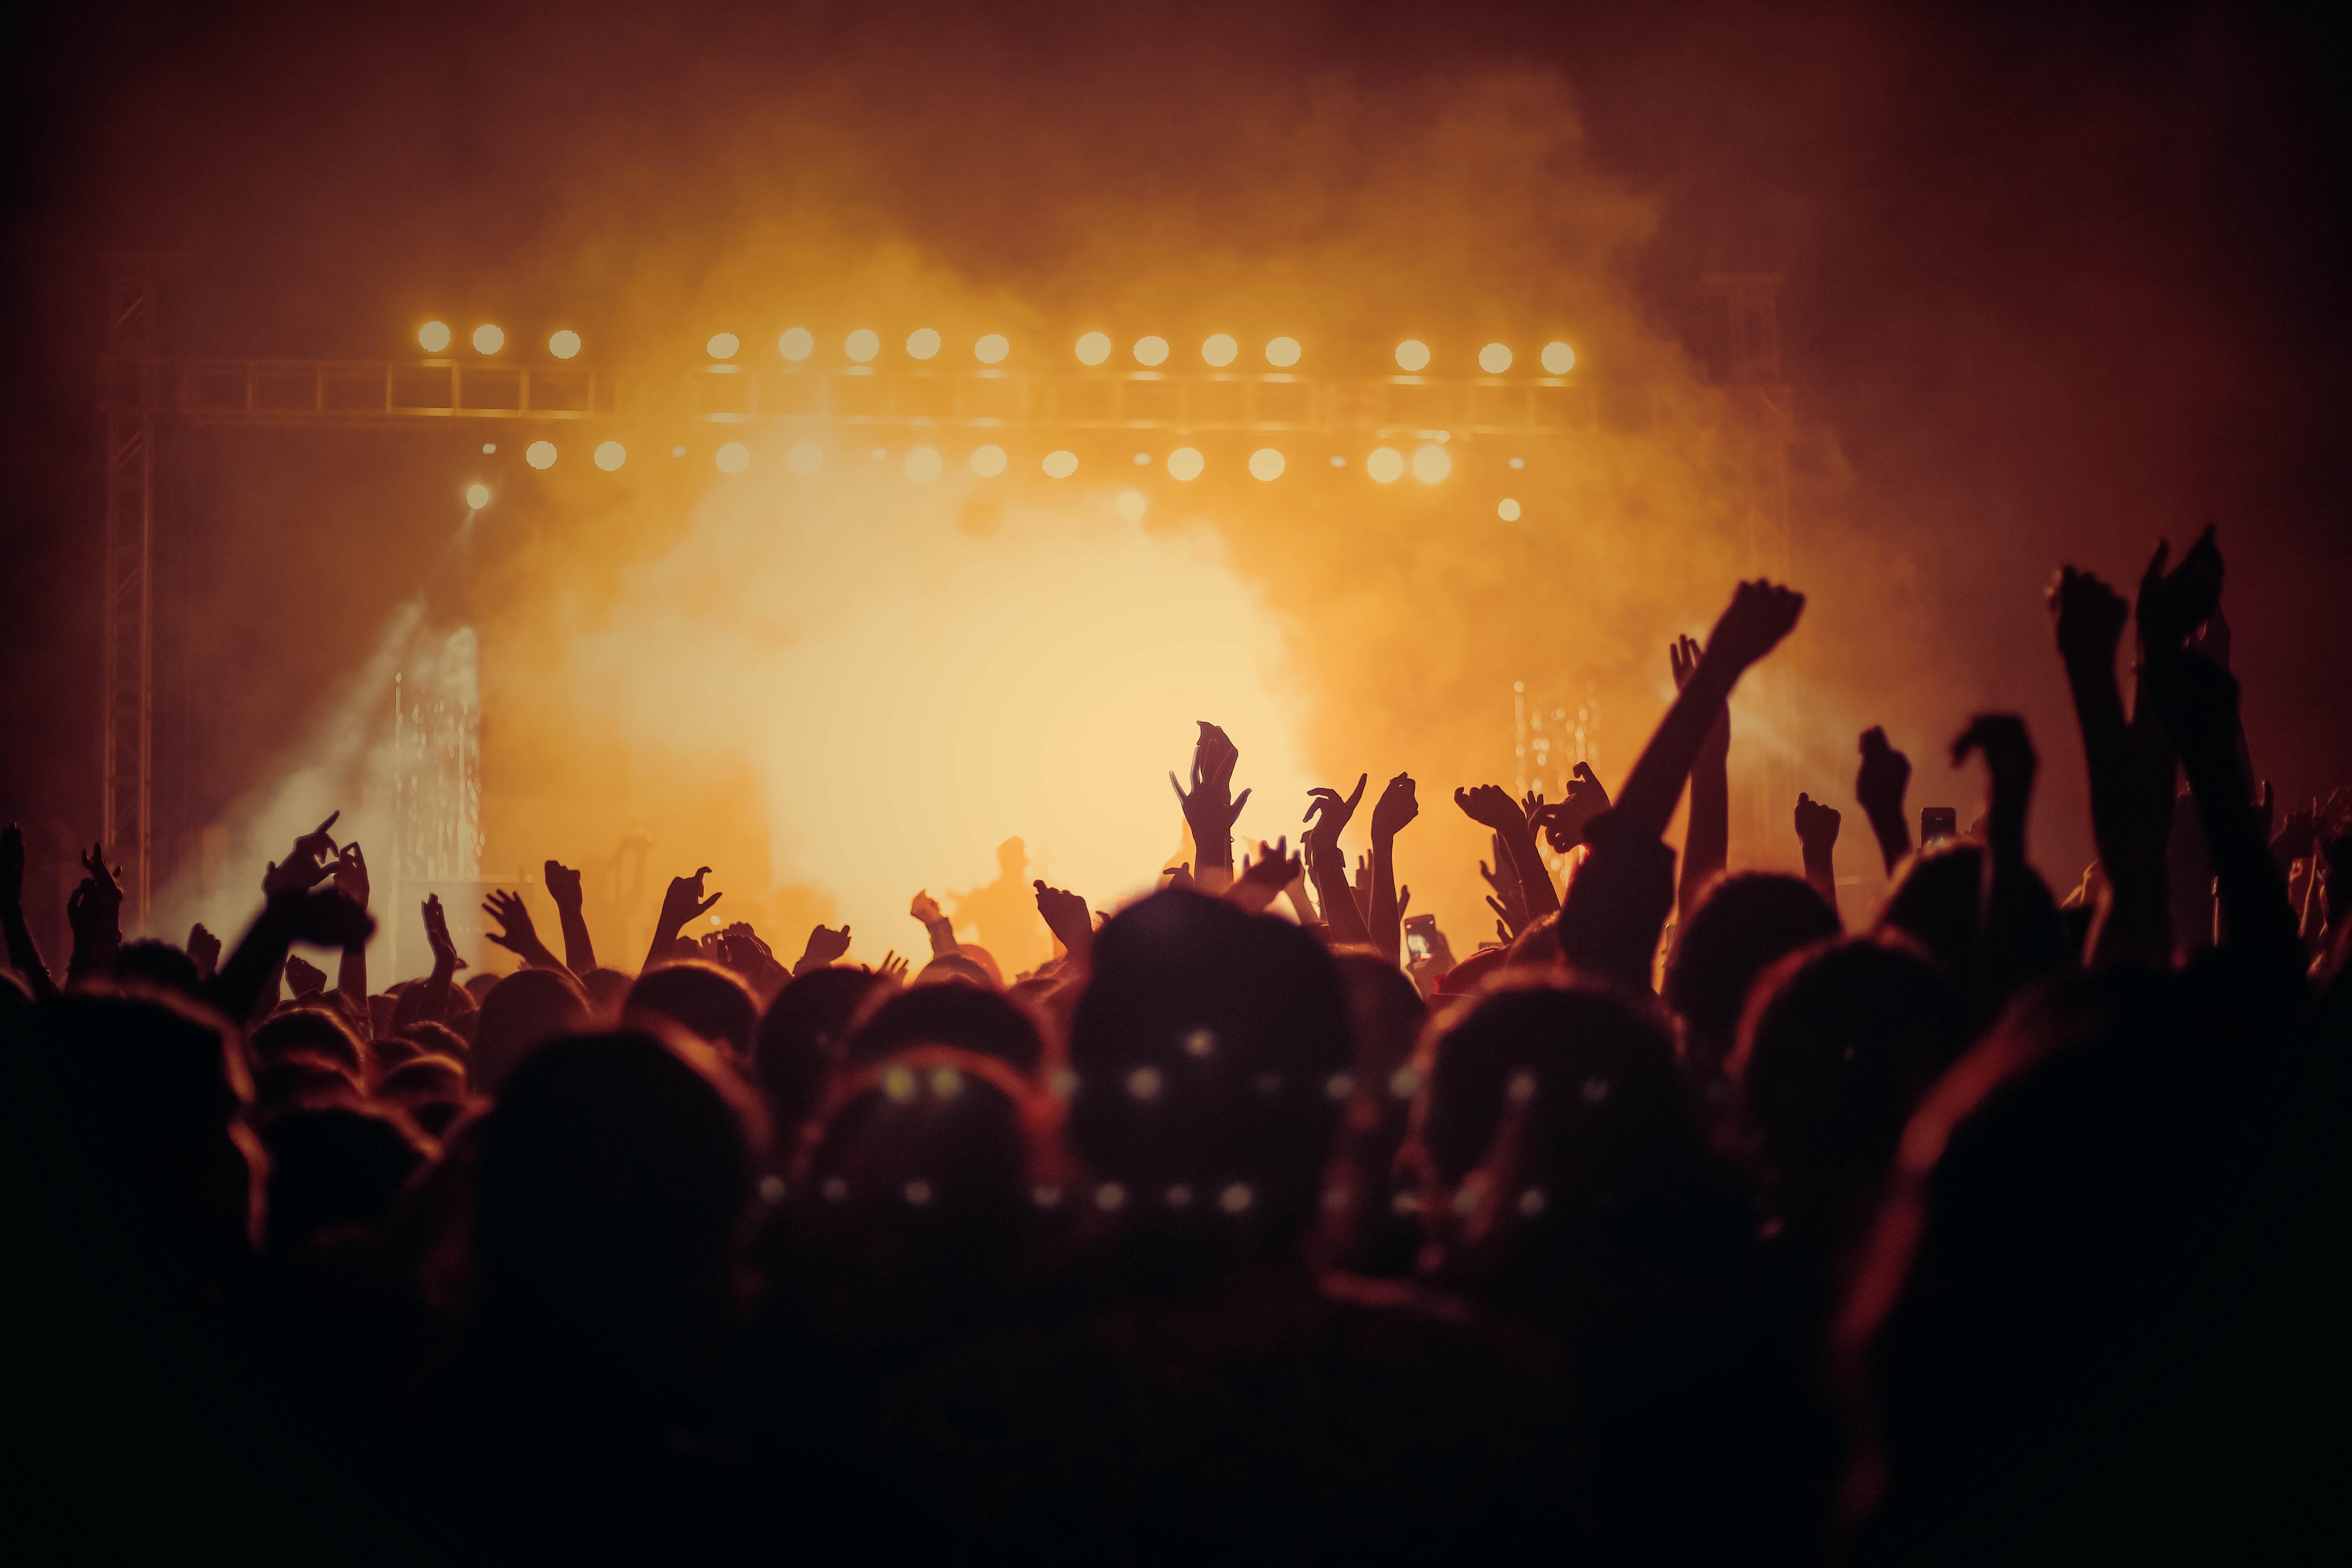 Concert Tours